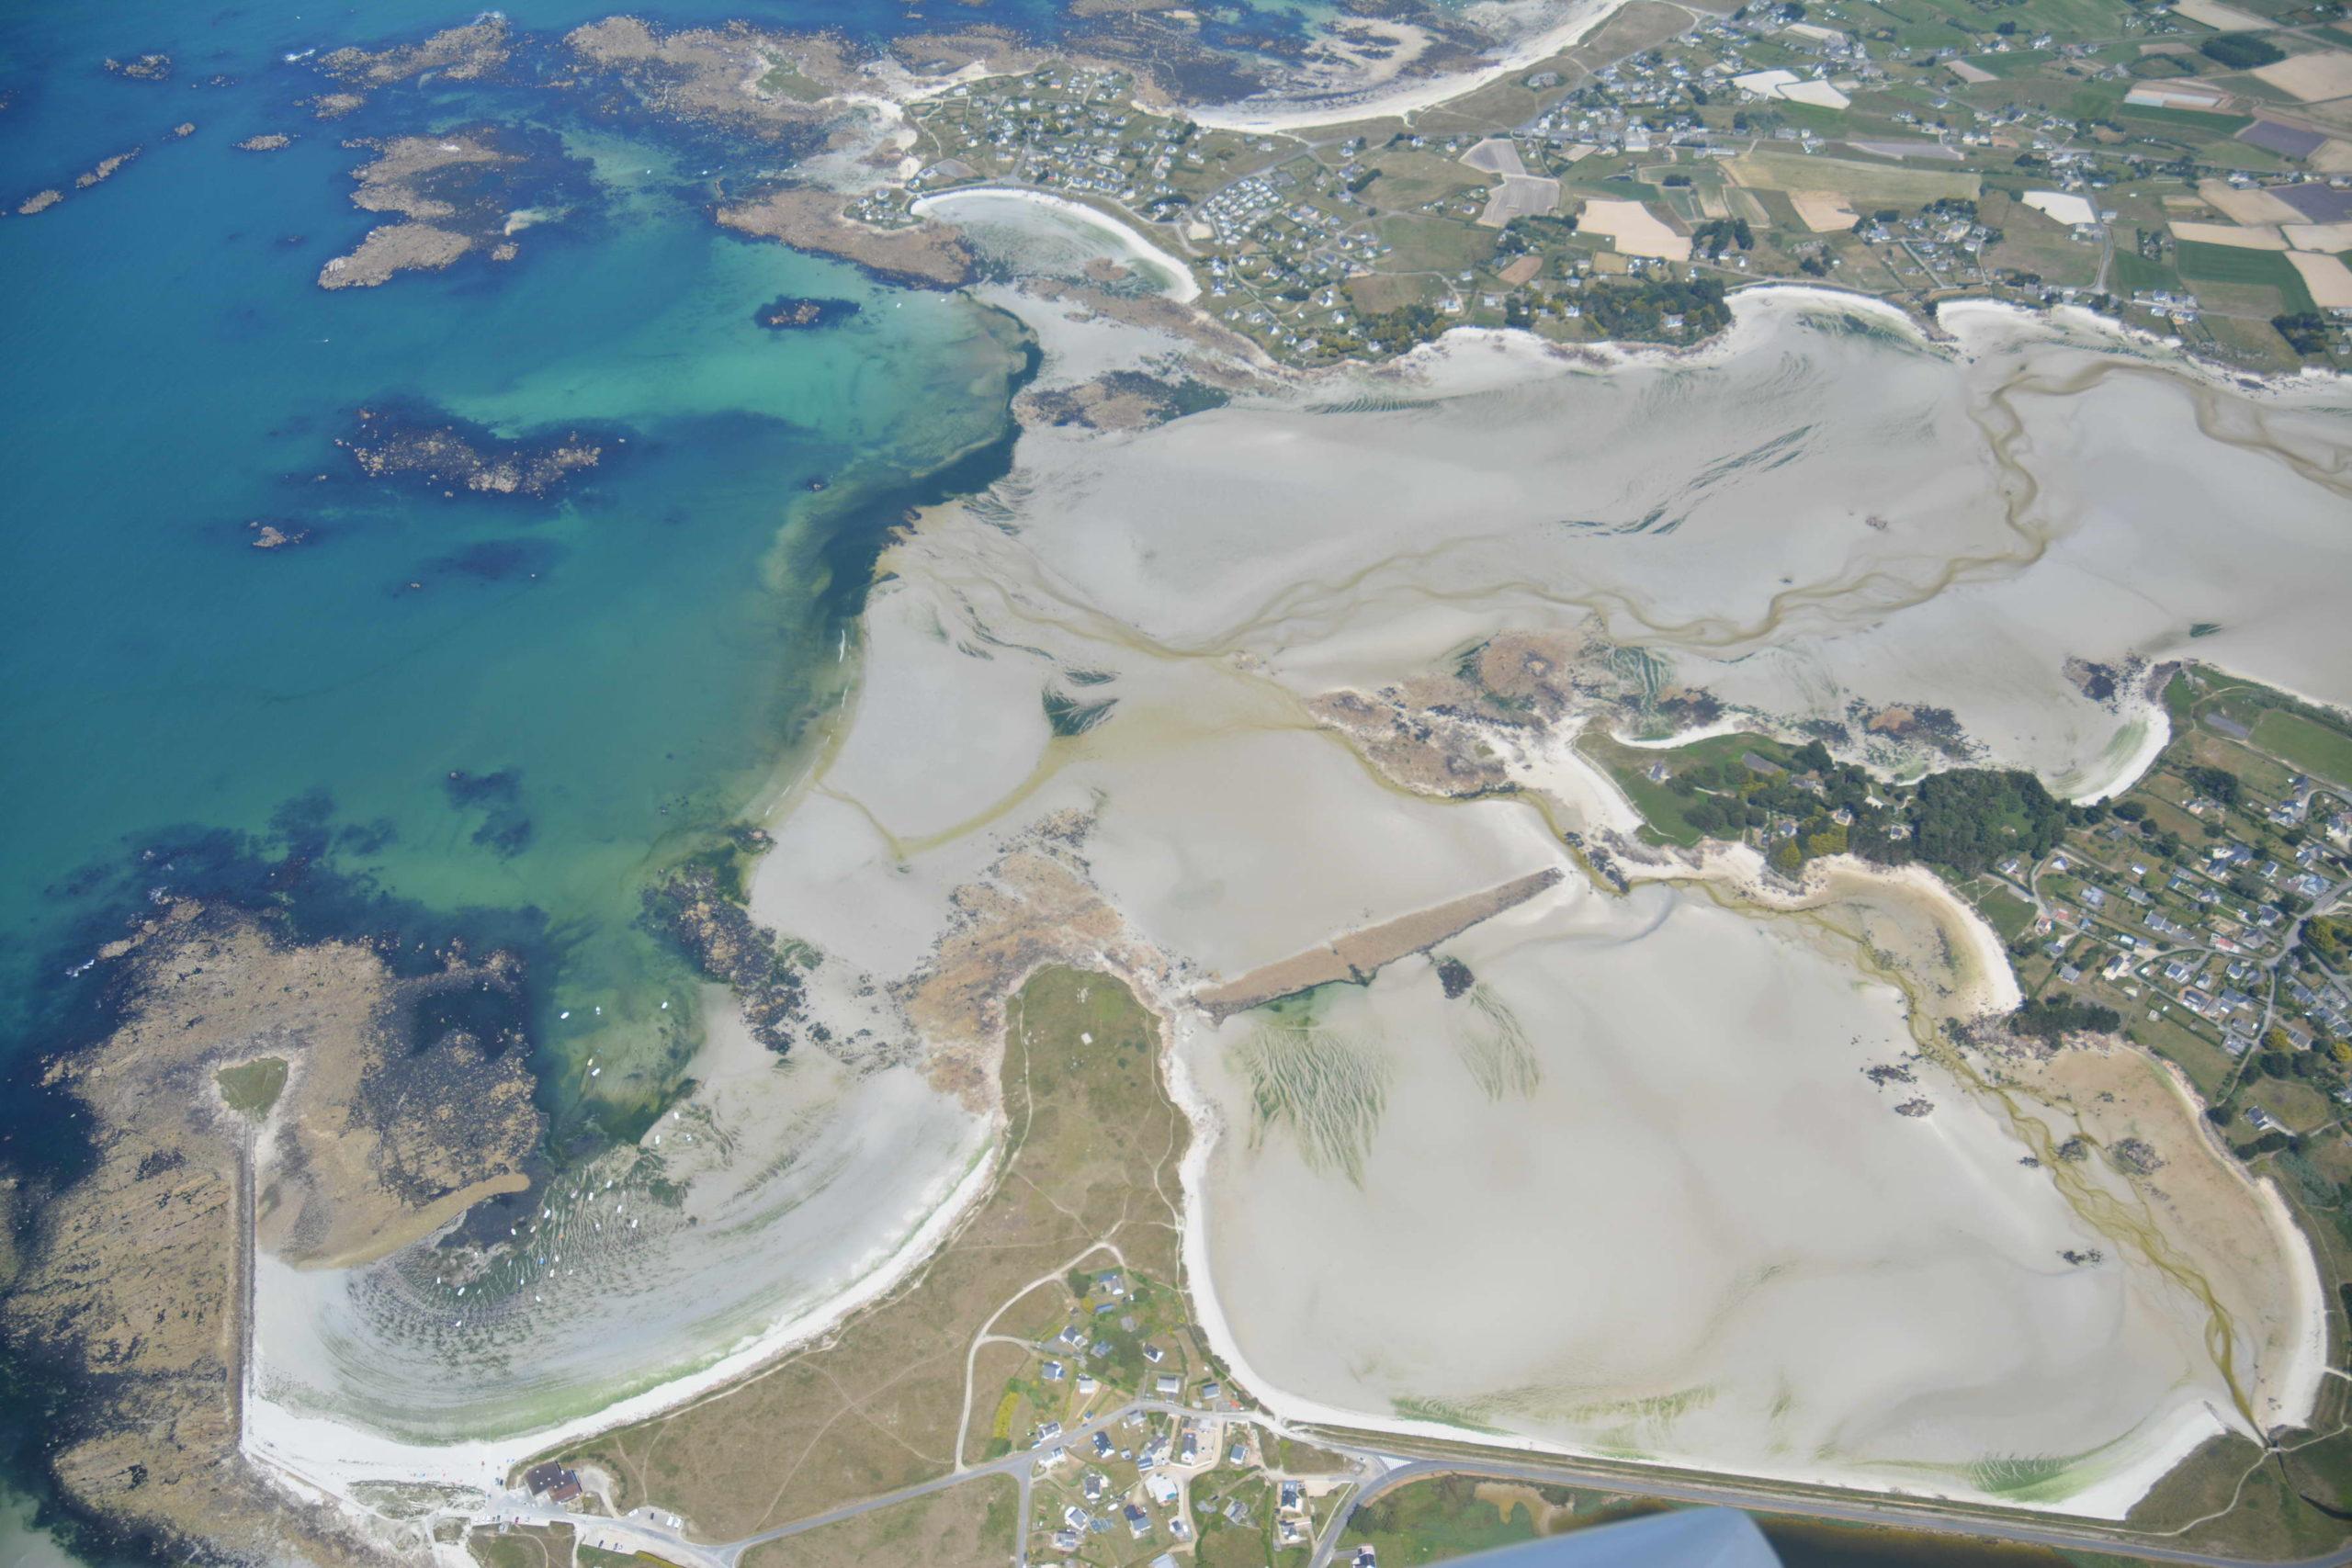 Baie de Quillimadec, Guisseny - 23 juin 2020